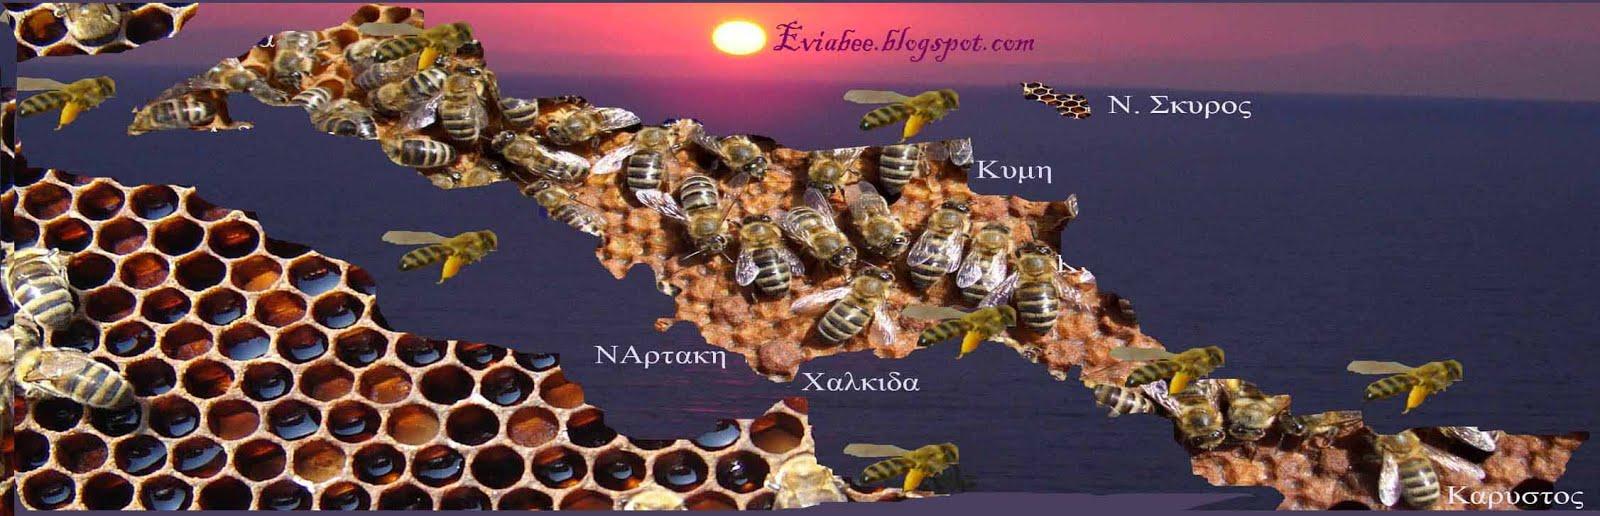 eviabee.blogspot.com/